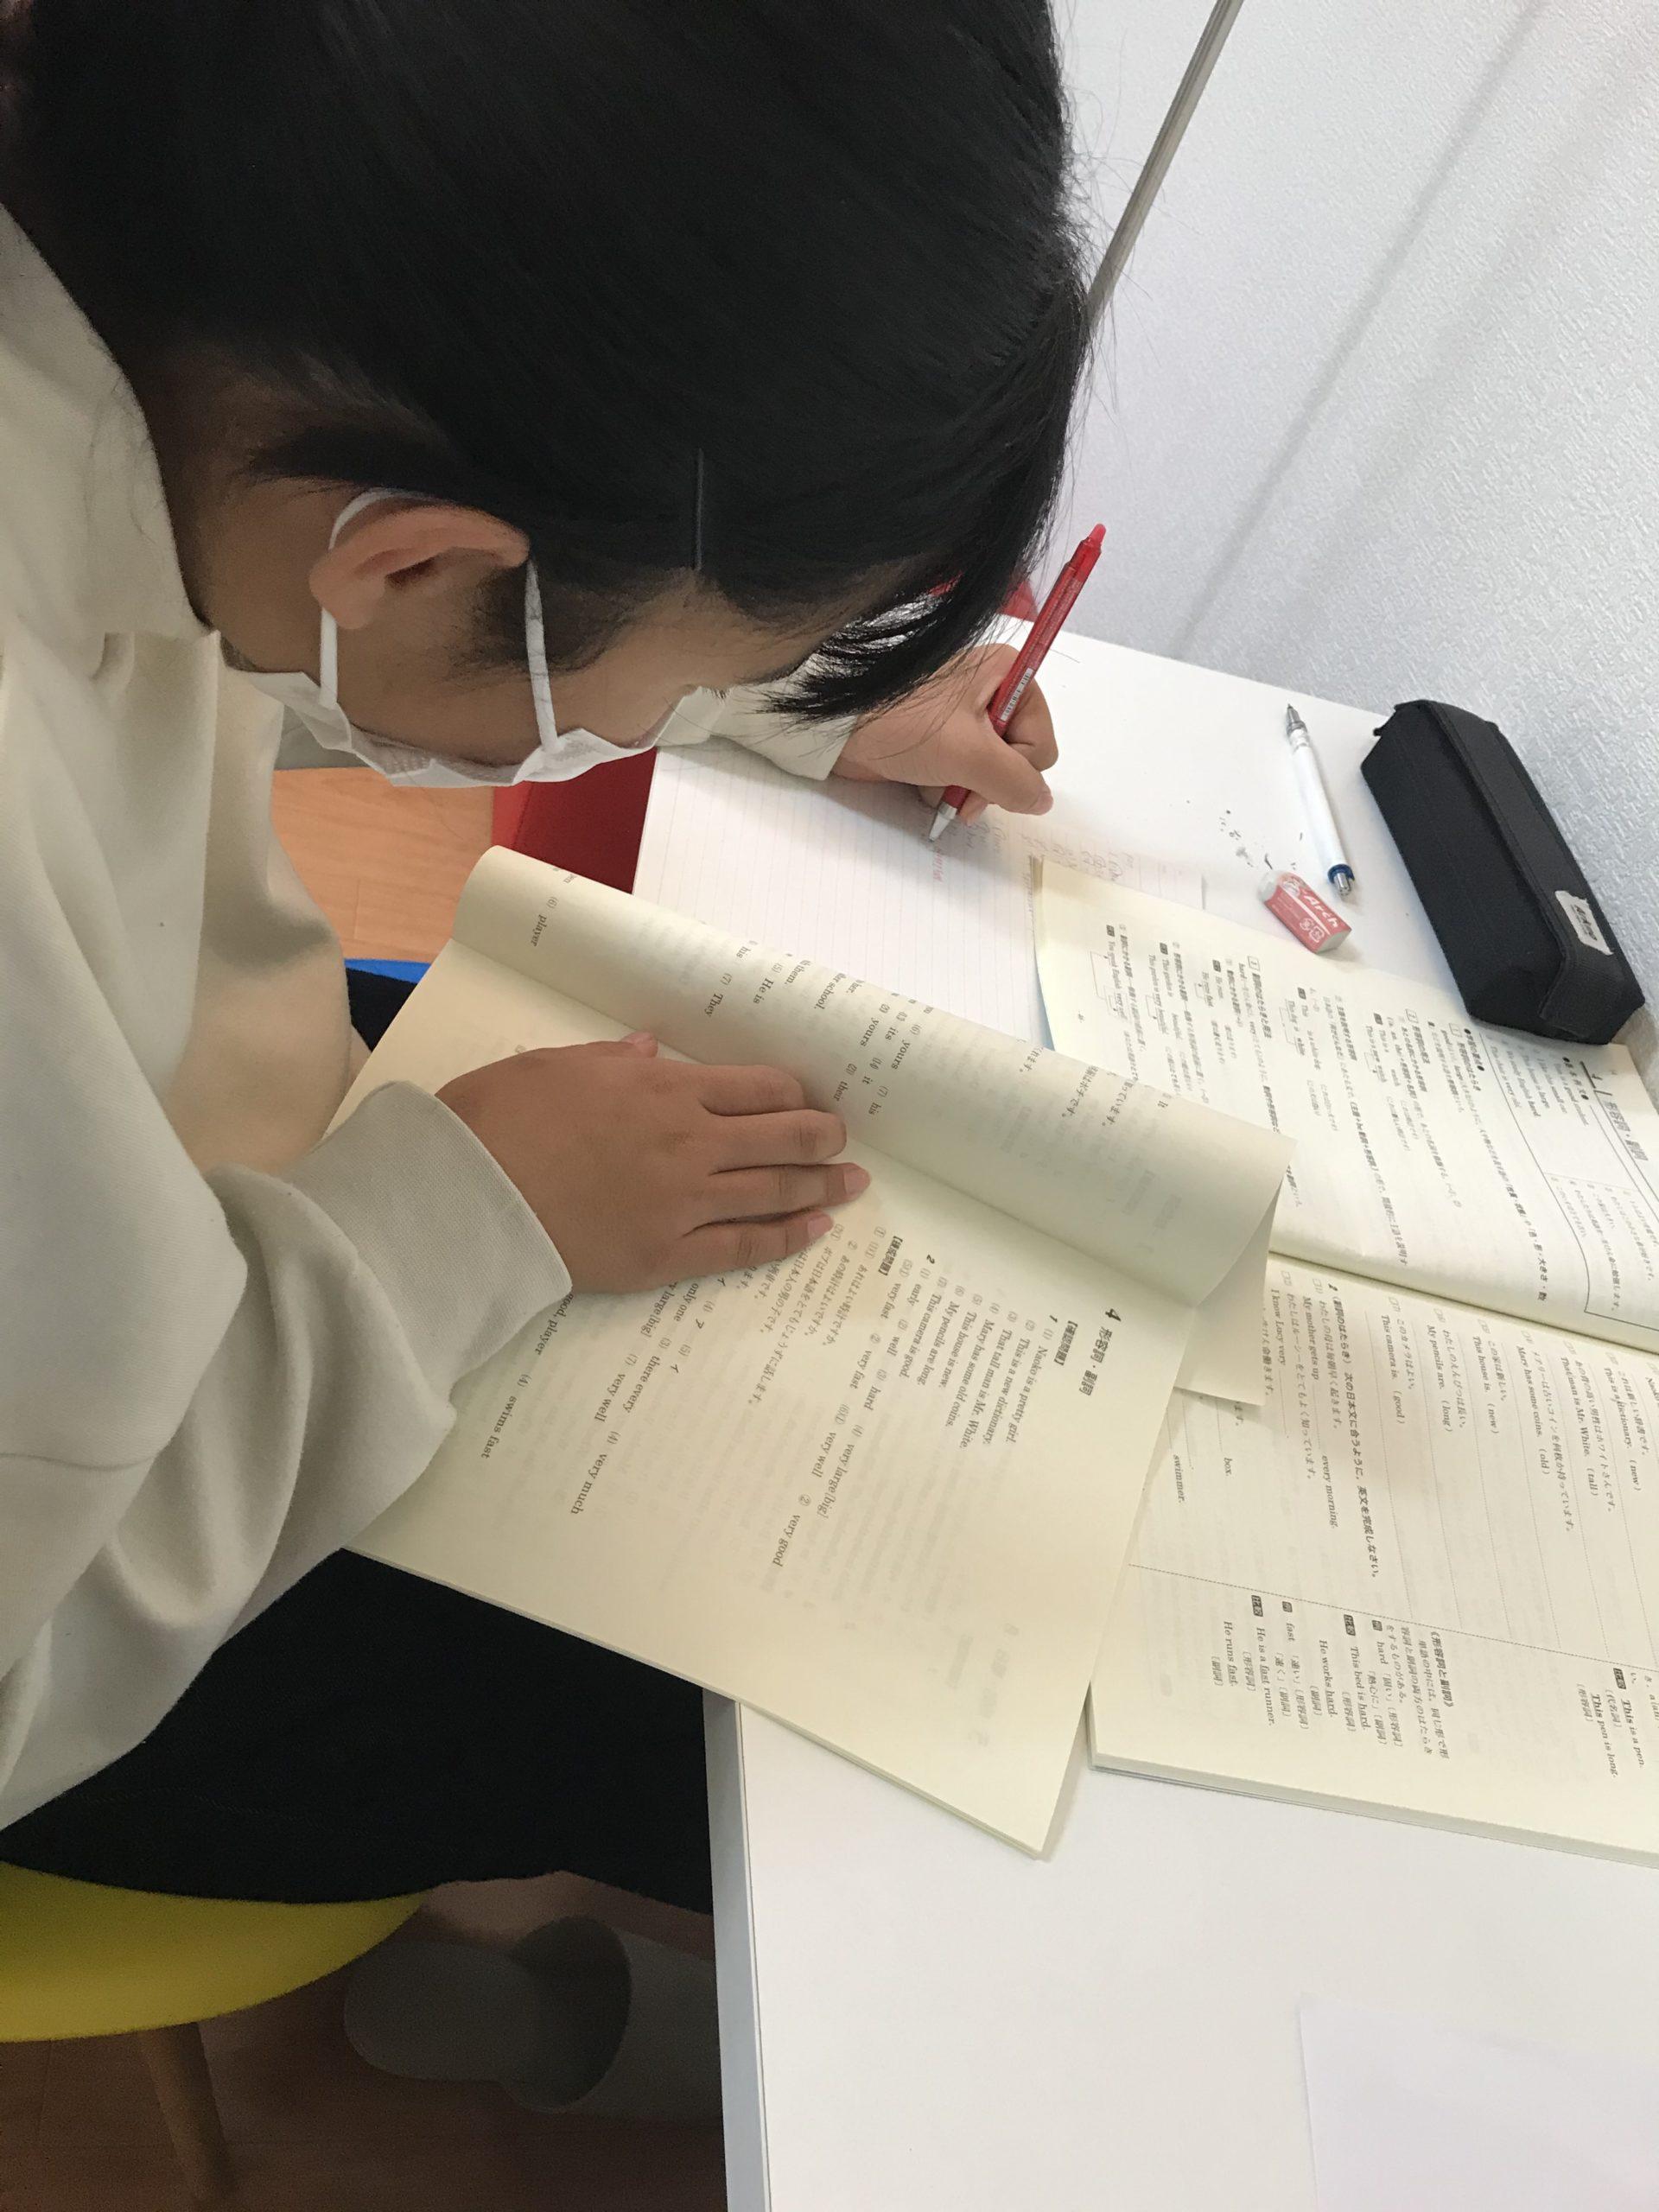 数学に取り組む中学生女子